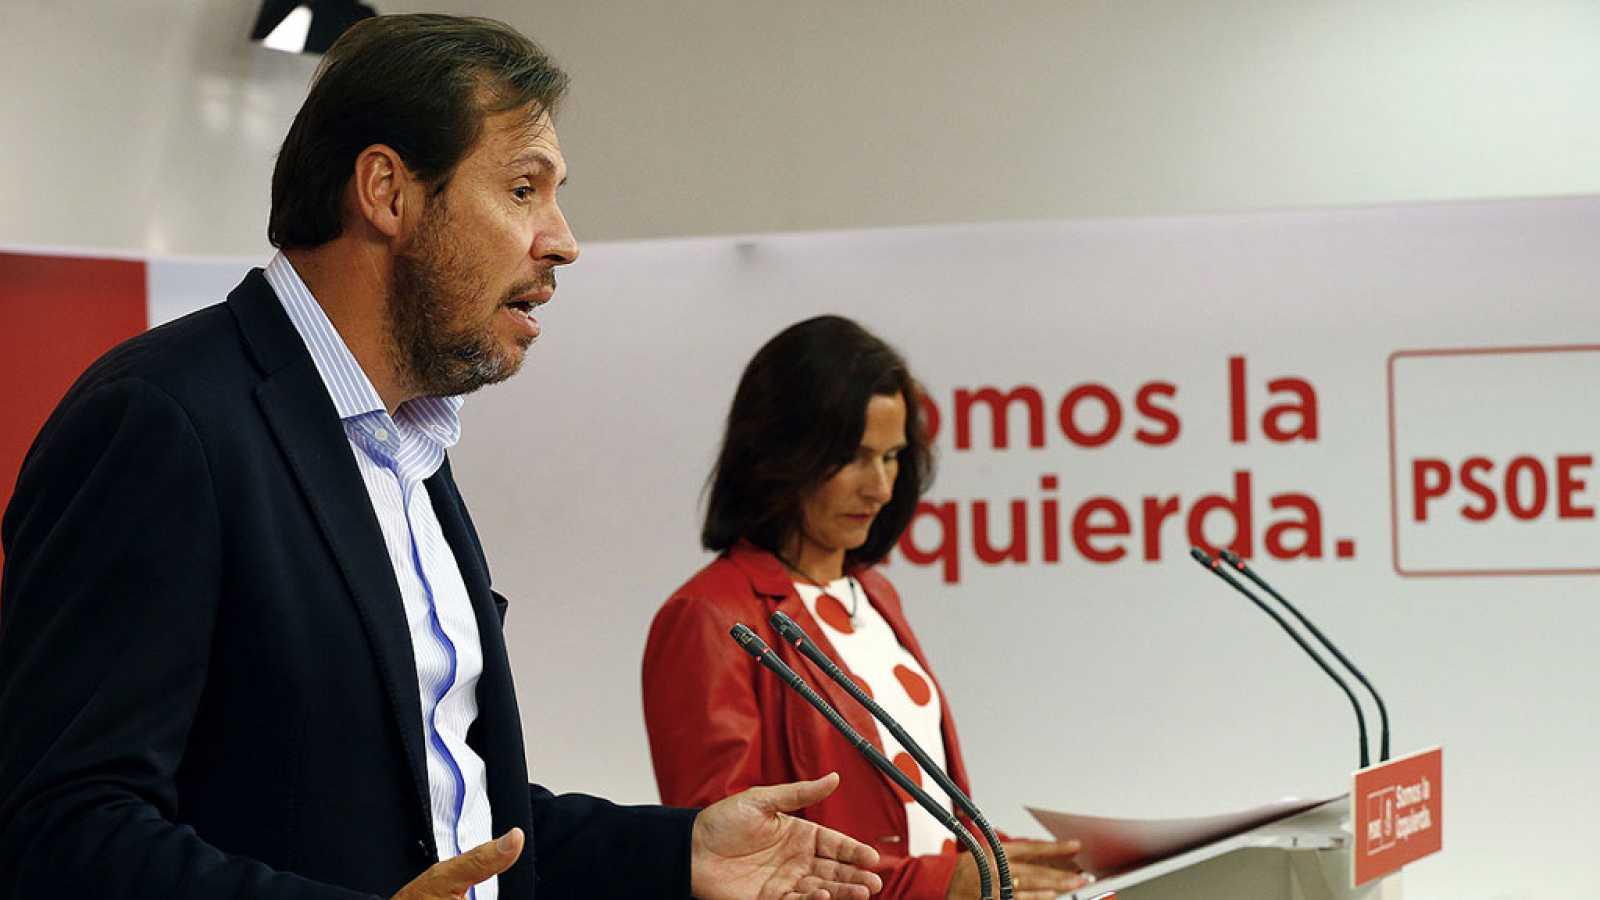 Pedro Sánchez asegura que el PSOE no contempla la aplicación del artículo 155 y matiza así a su portavoz